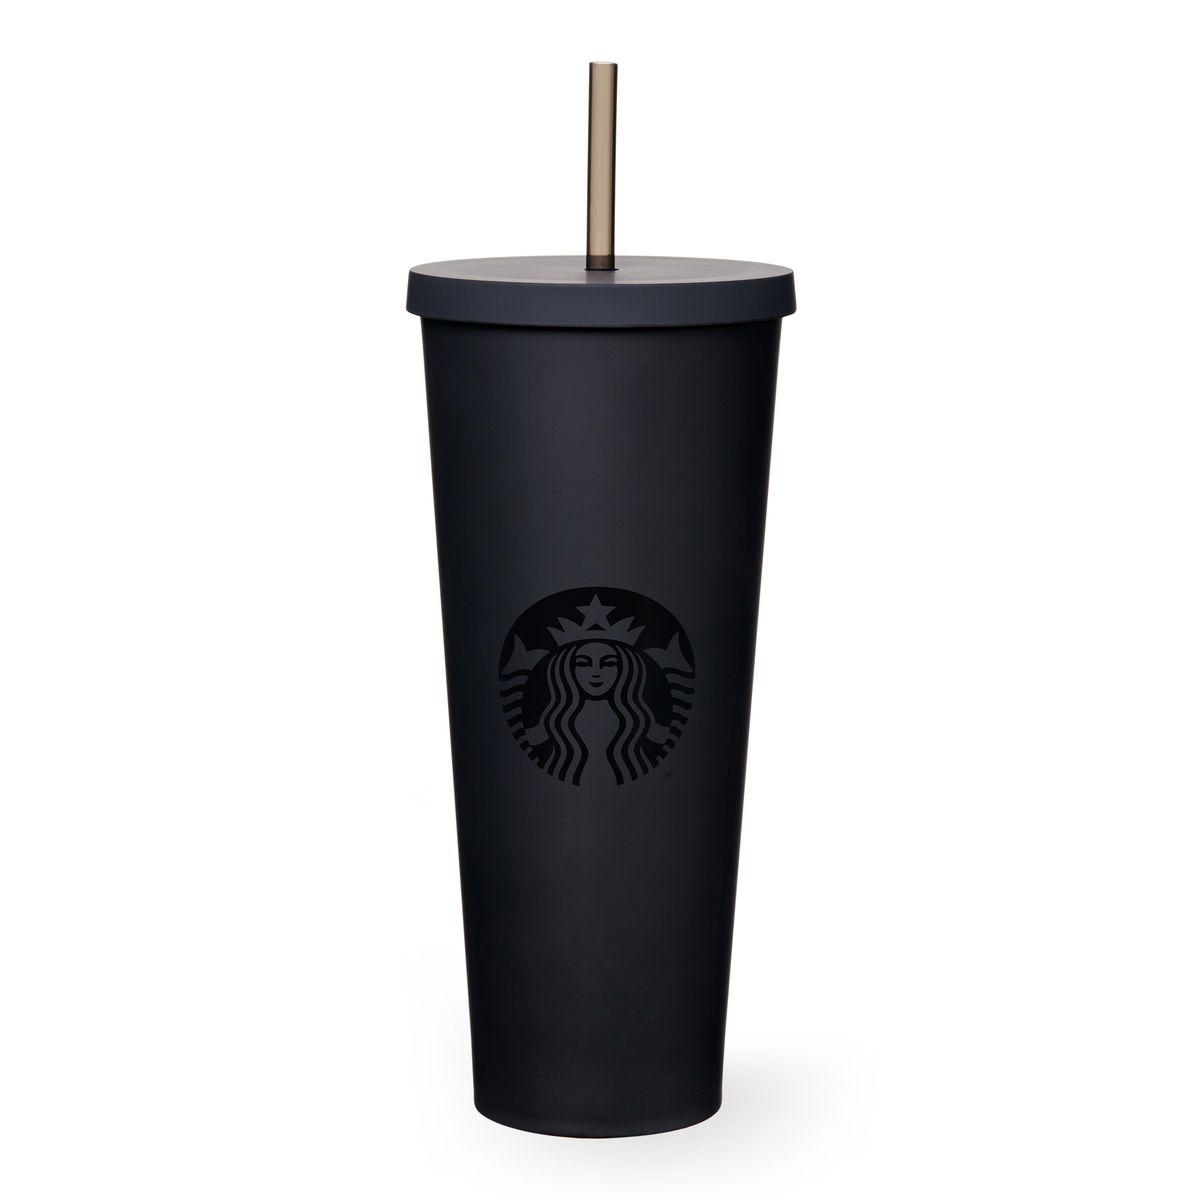 Starbucks 16 95 Venti Size Plastic Cold Cup In Matte